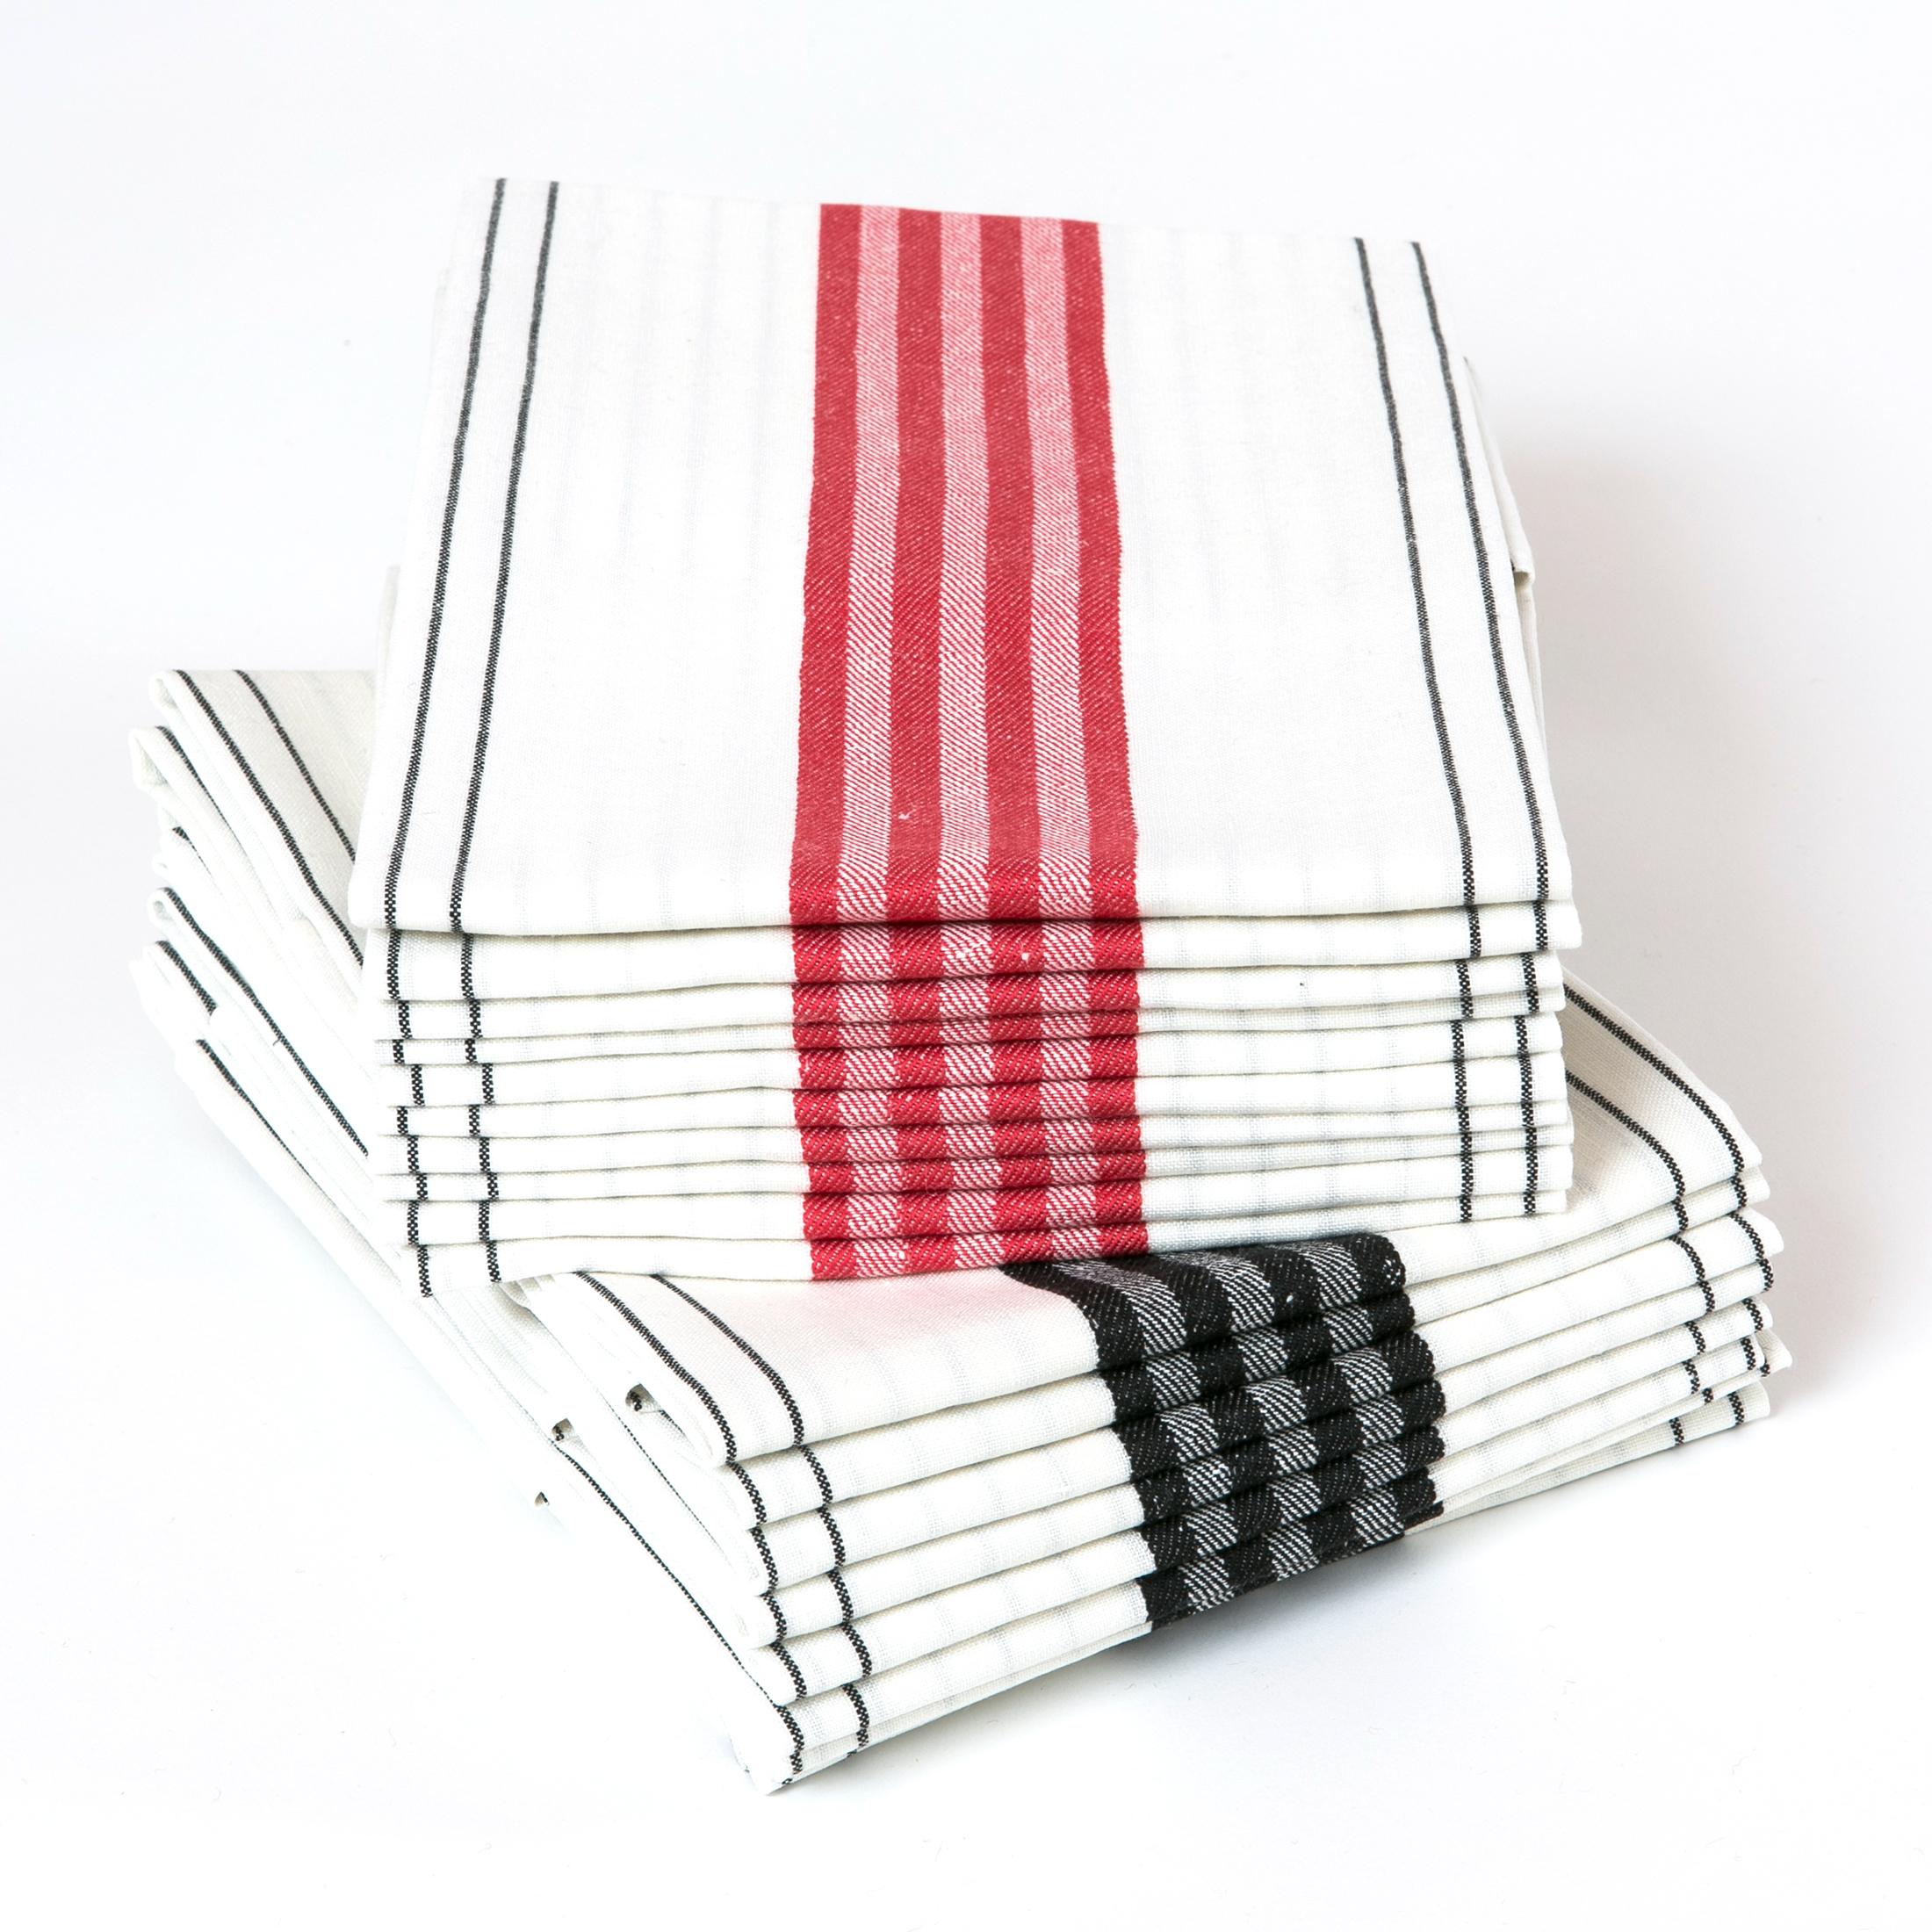 Kökstrivsel handduk hellinne Klässbols Linneväveri Astrid Sampe röd och svart